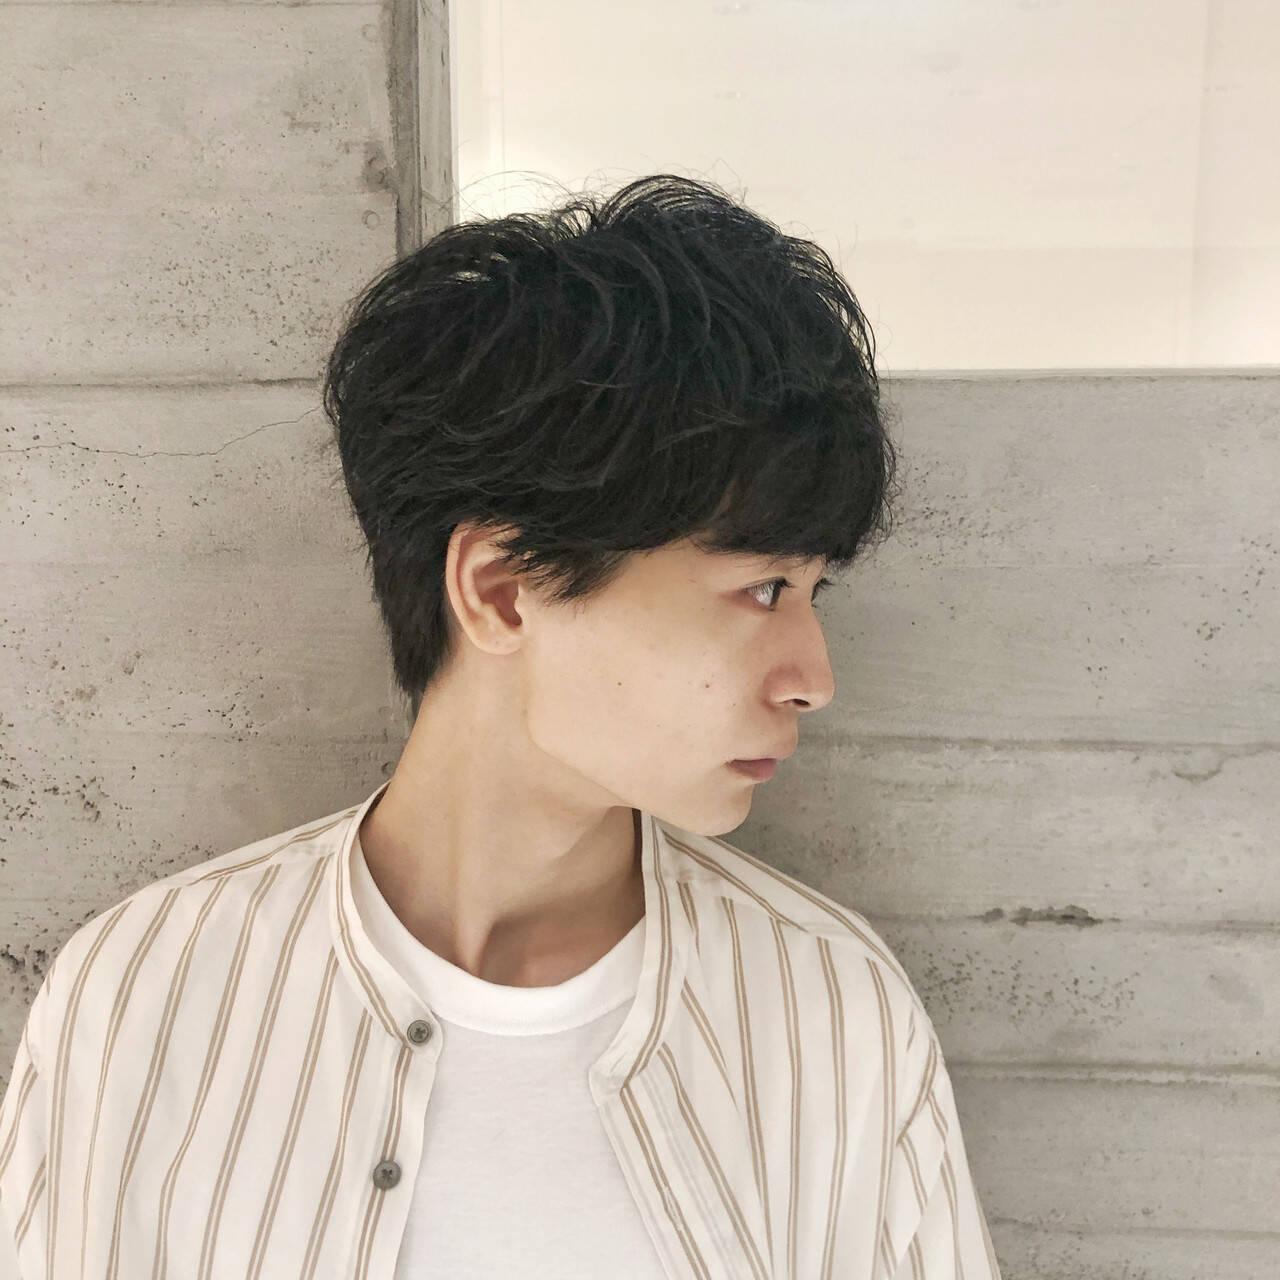 ショートヘア 韓国風ヘアー ナチュラル マッシュヘアヘアスタイルや髪型の写真・画像